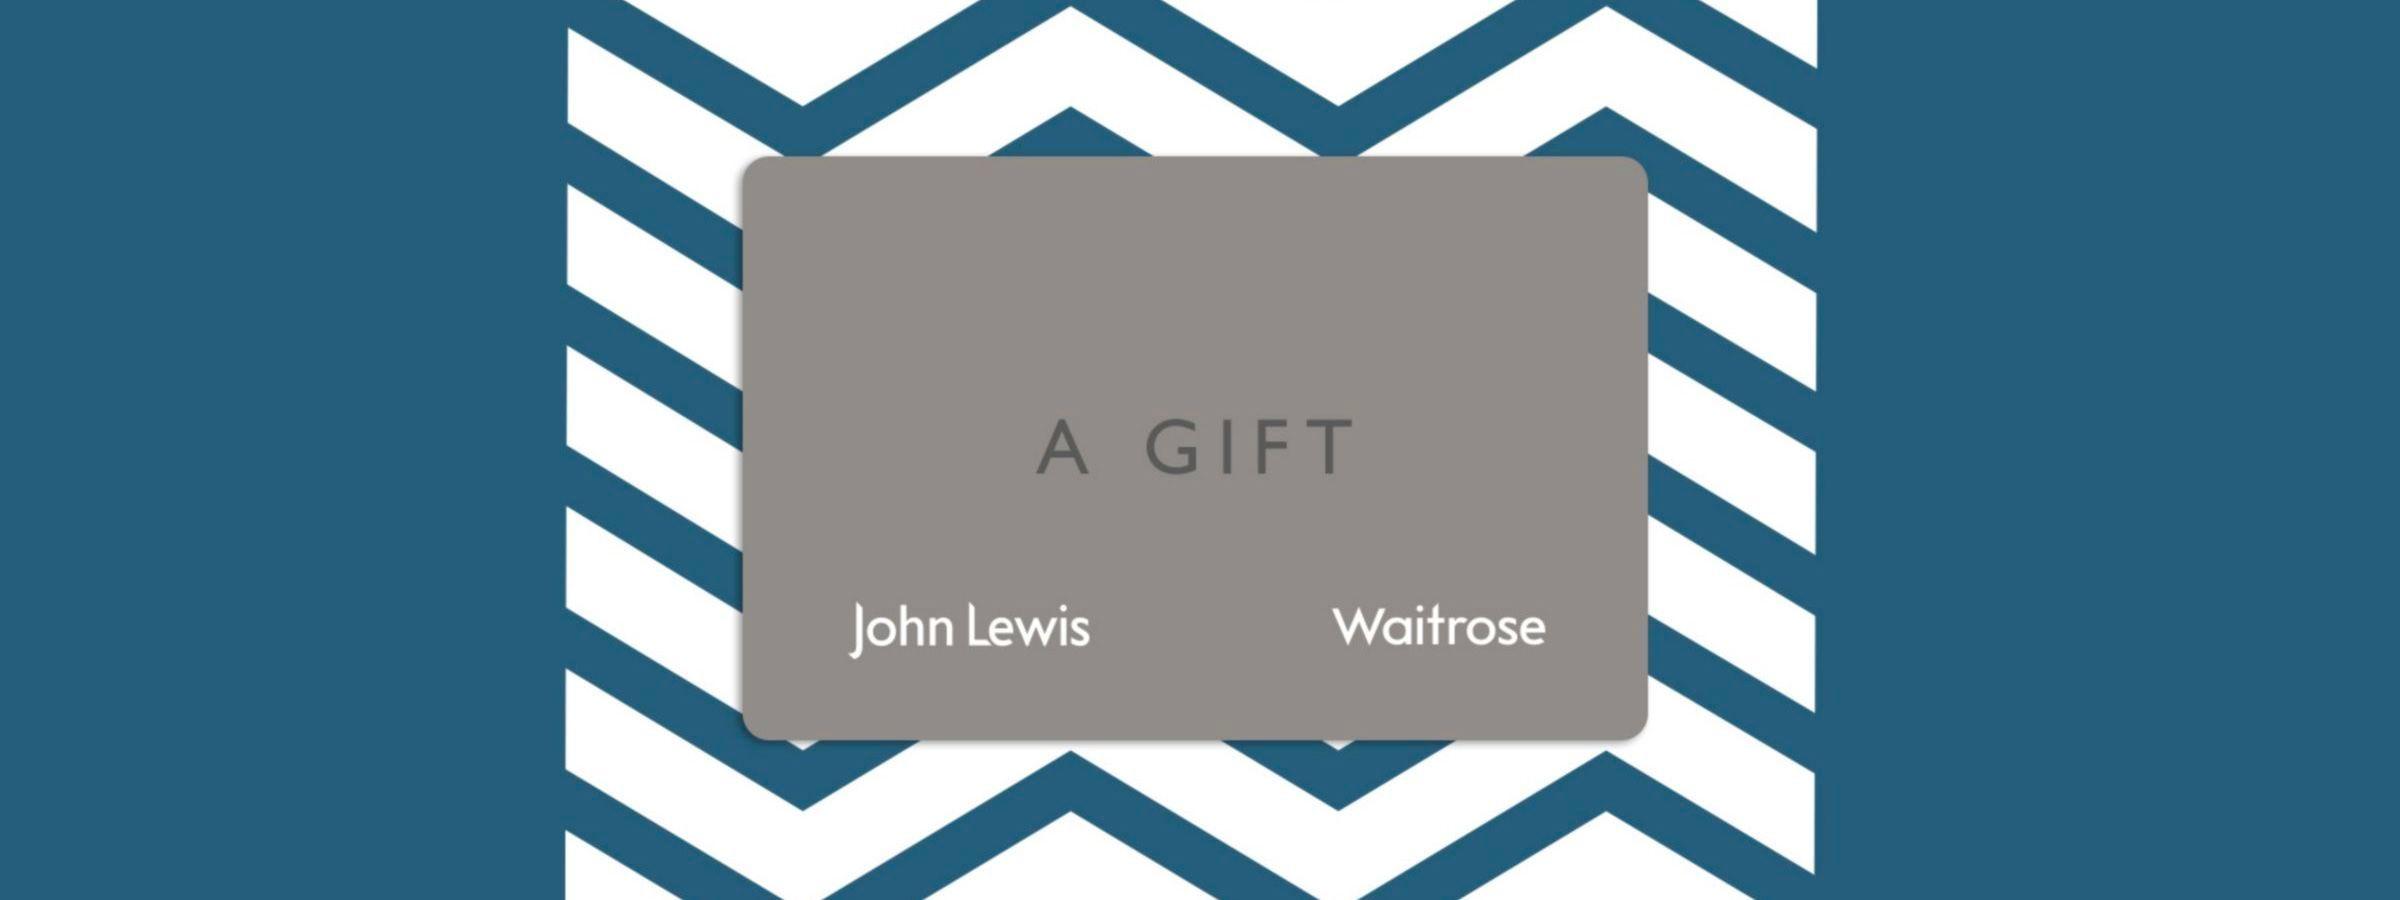 Wedding Gift John Lewis: John Lewis